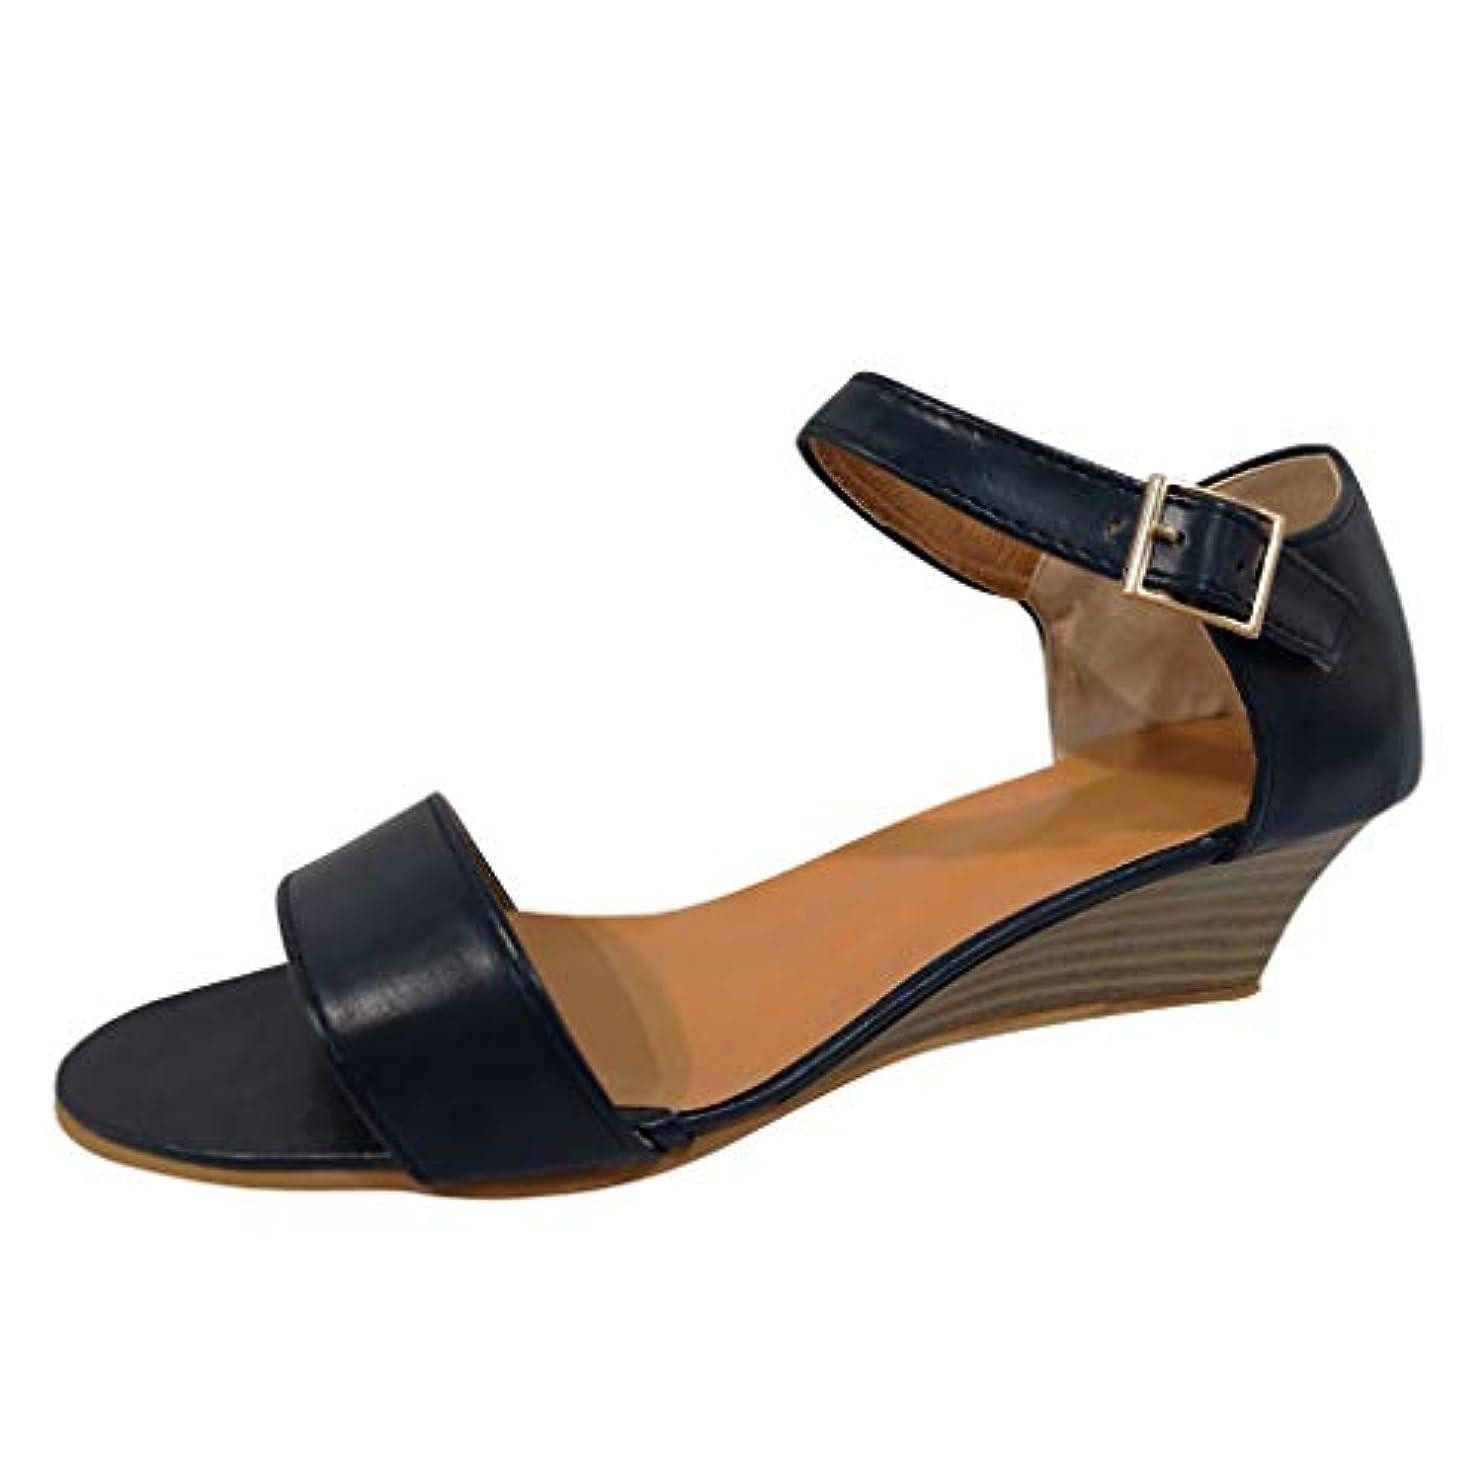 美脚 ウェッジソール Foreted ミュール サンダル ローヒール 黒 ウエッジ 靴 歩きやすい 疲れないカジュアル コンフォートサンダル ストラップ 痛くない